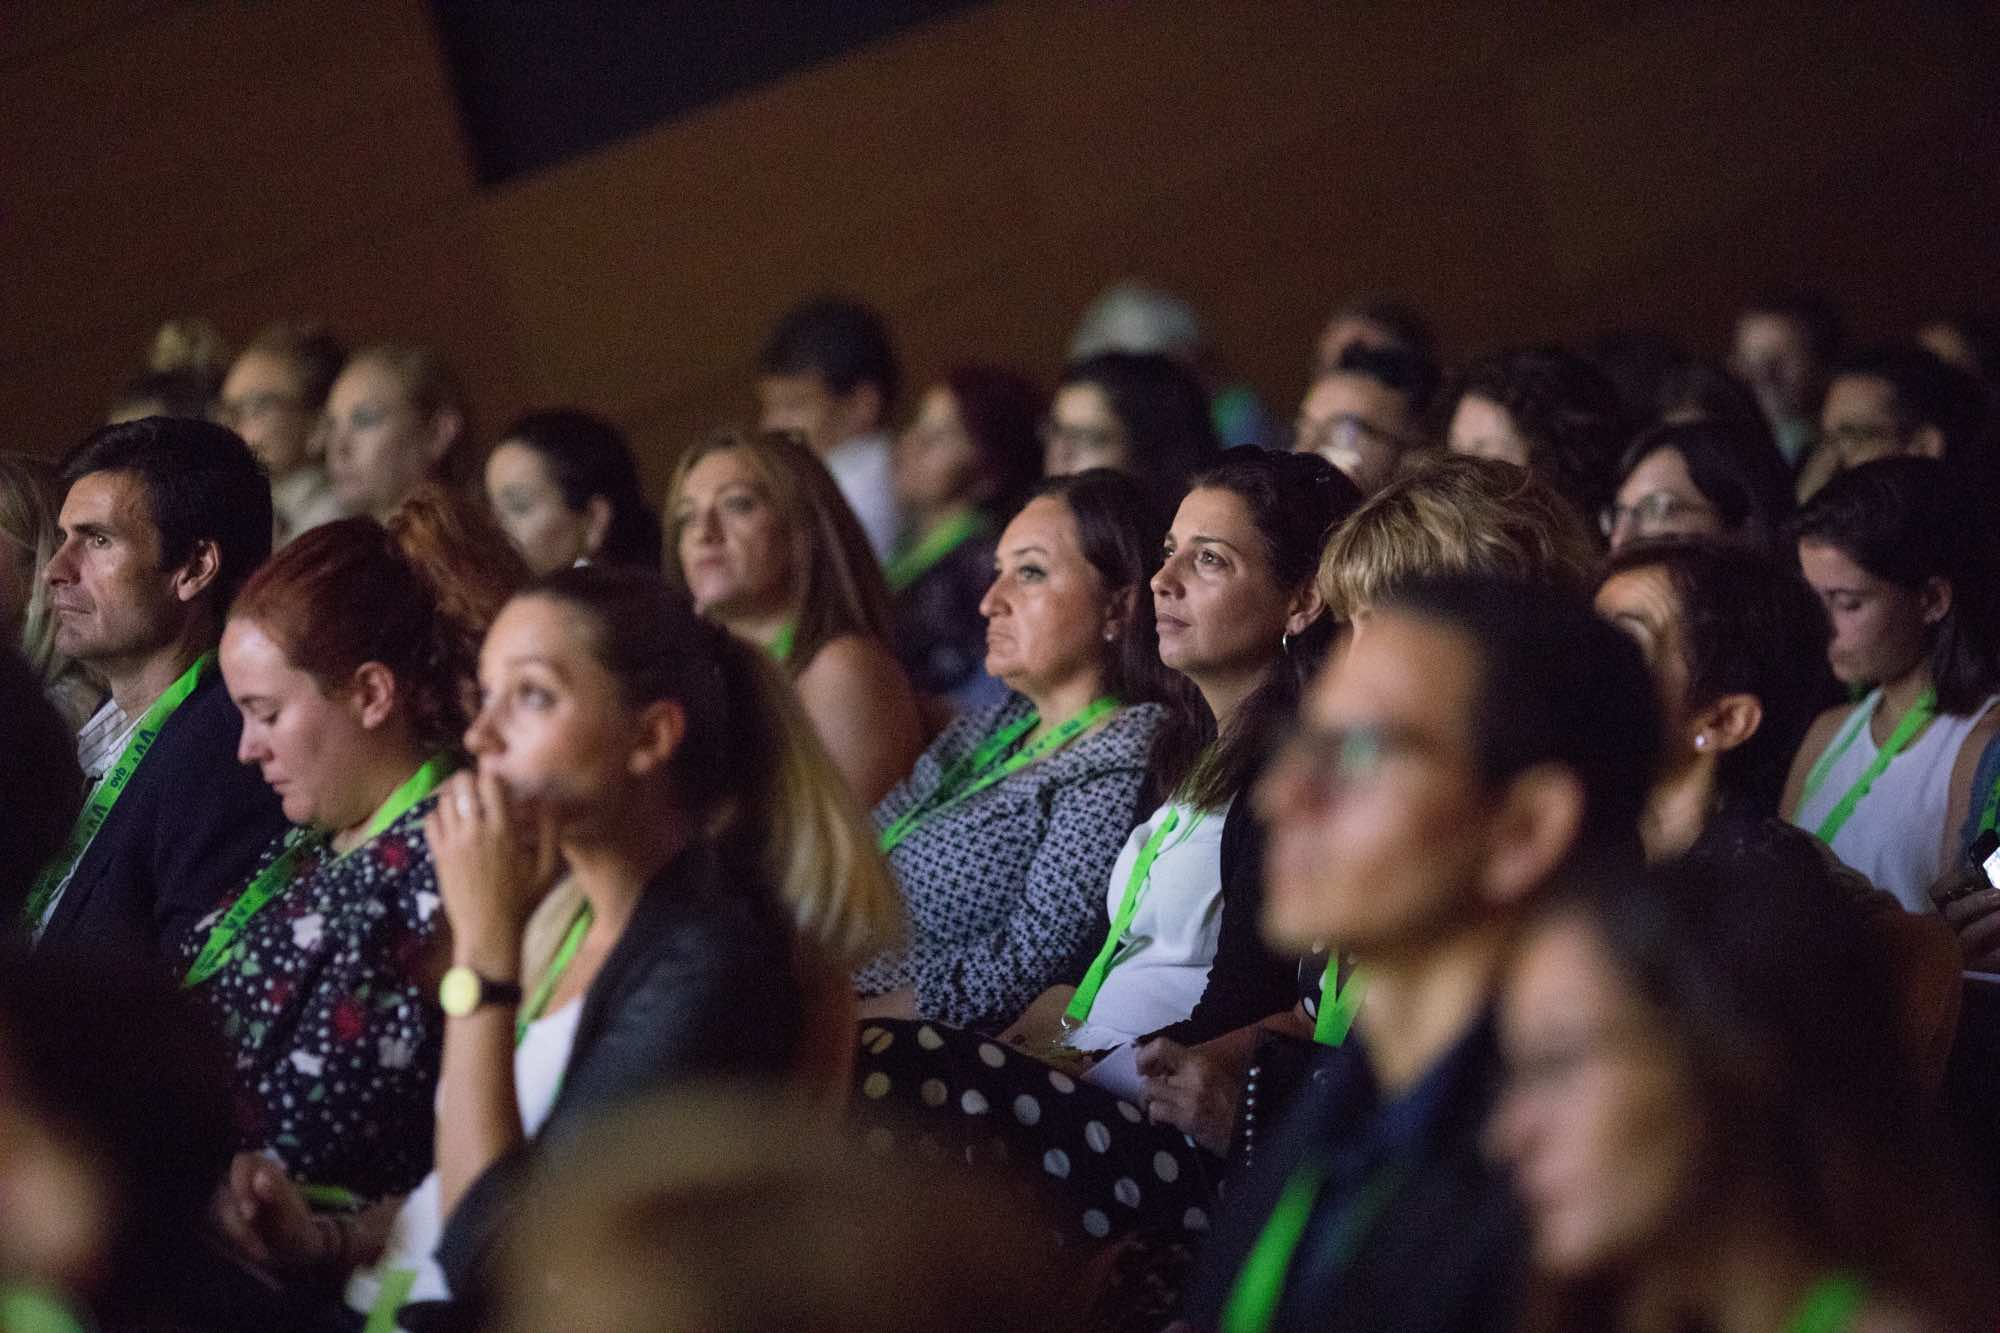 Descubre en Overbooking 2019 cómo relanzar tu negocio en el sector turístico